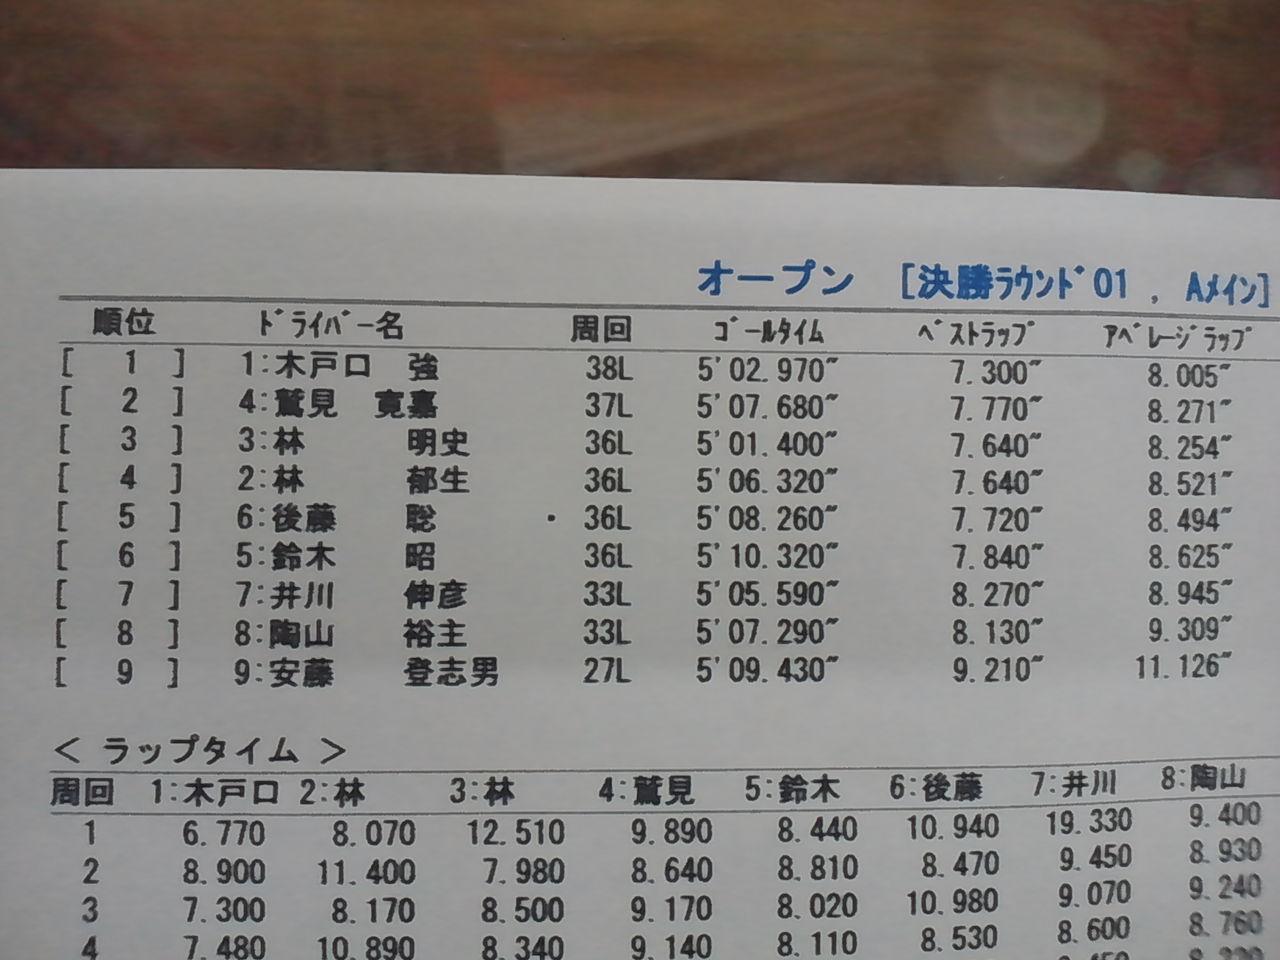 NEC_0842